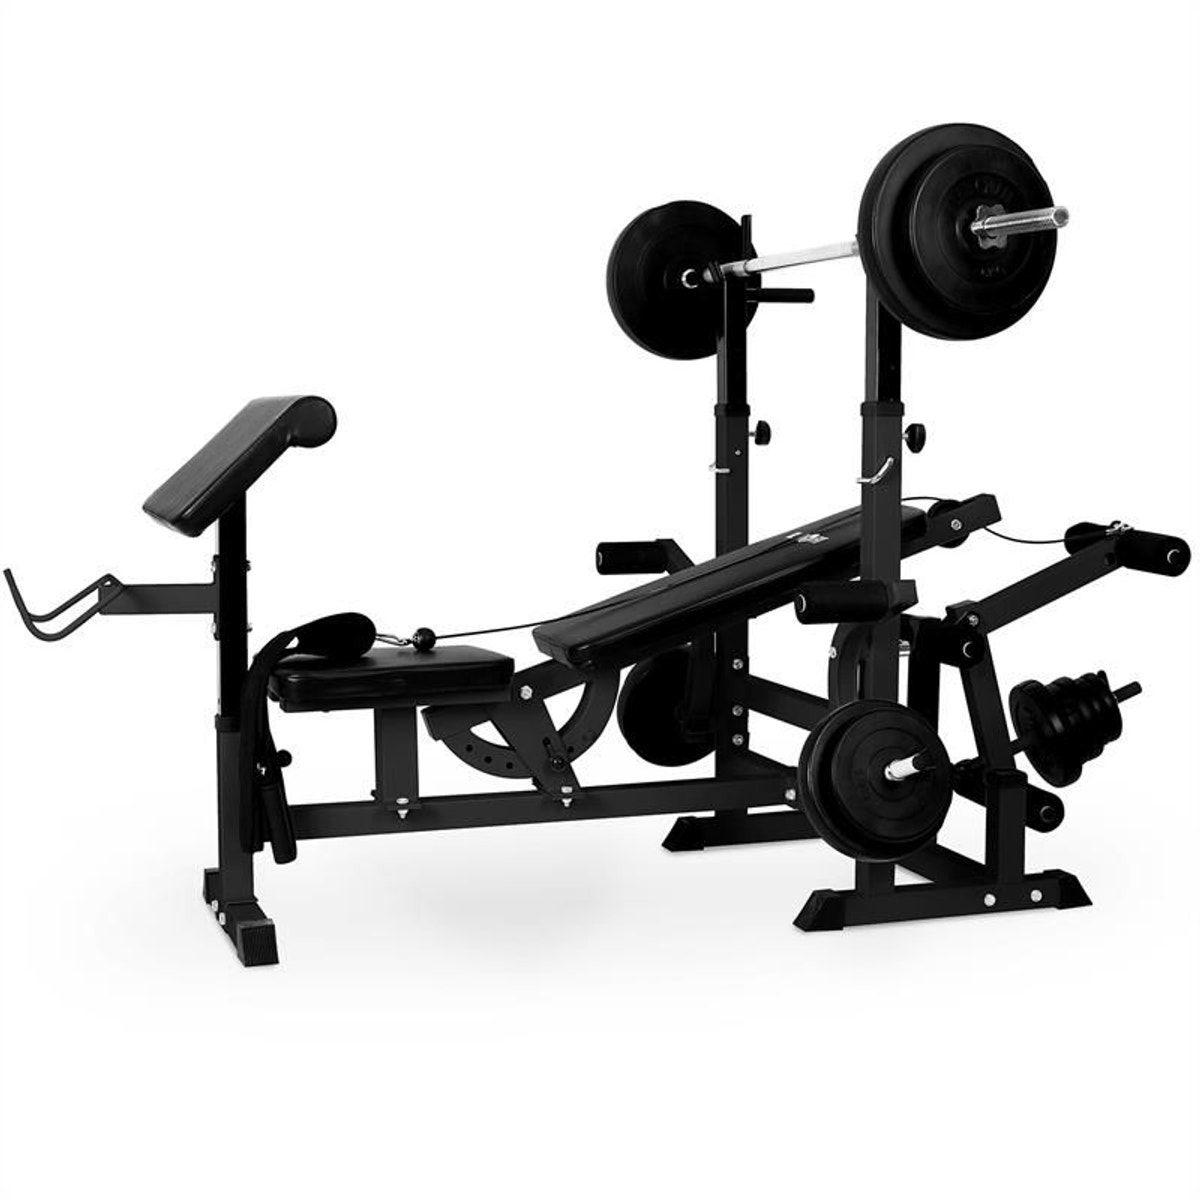 Station De Musculation Workout Hero 3000 Ks02 Station De Musculation Musculation Et Appareil Musculation